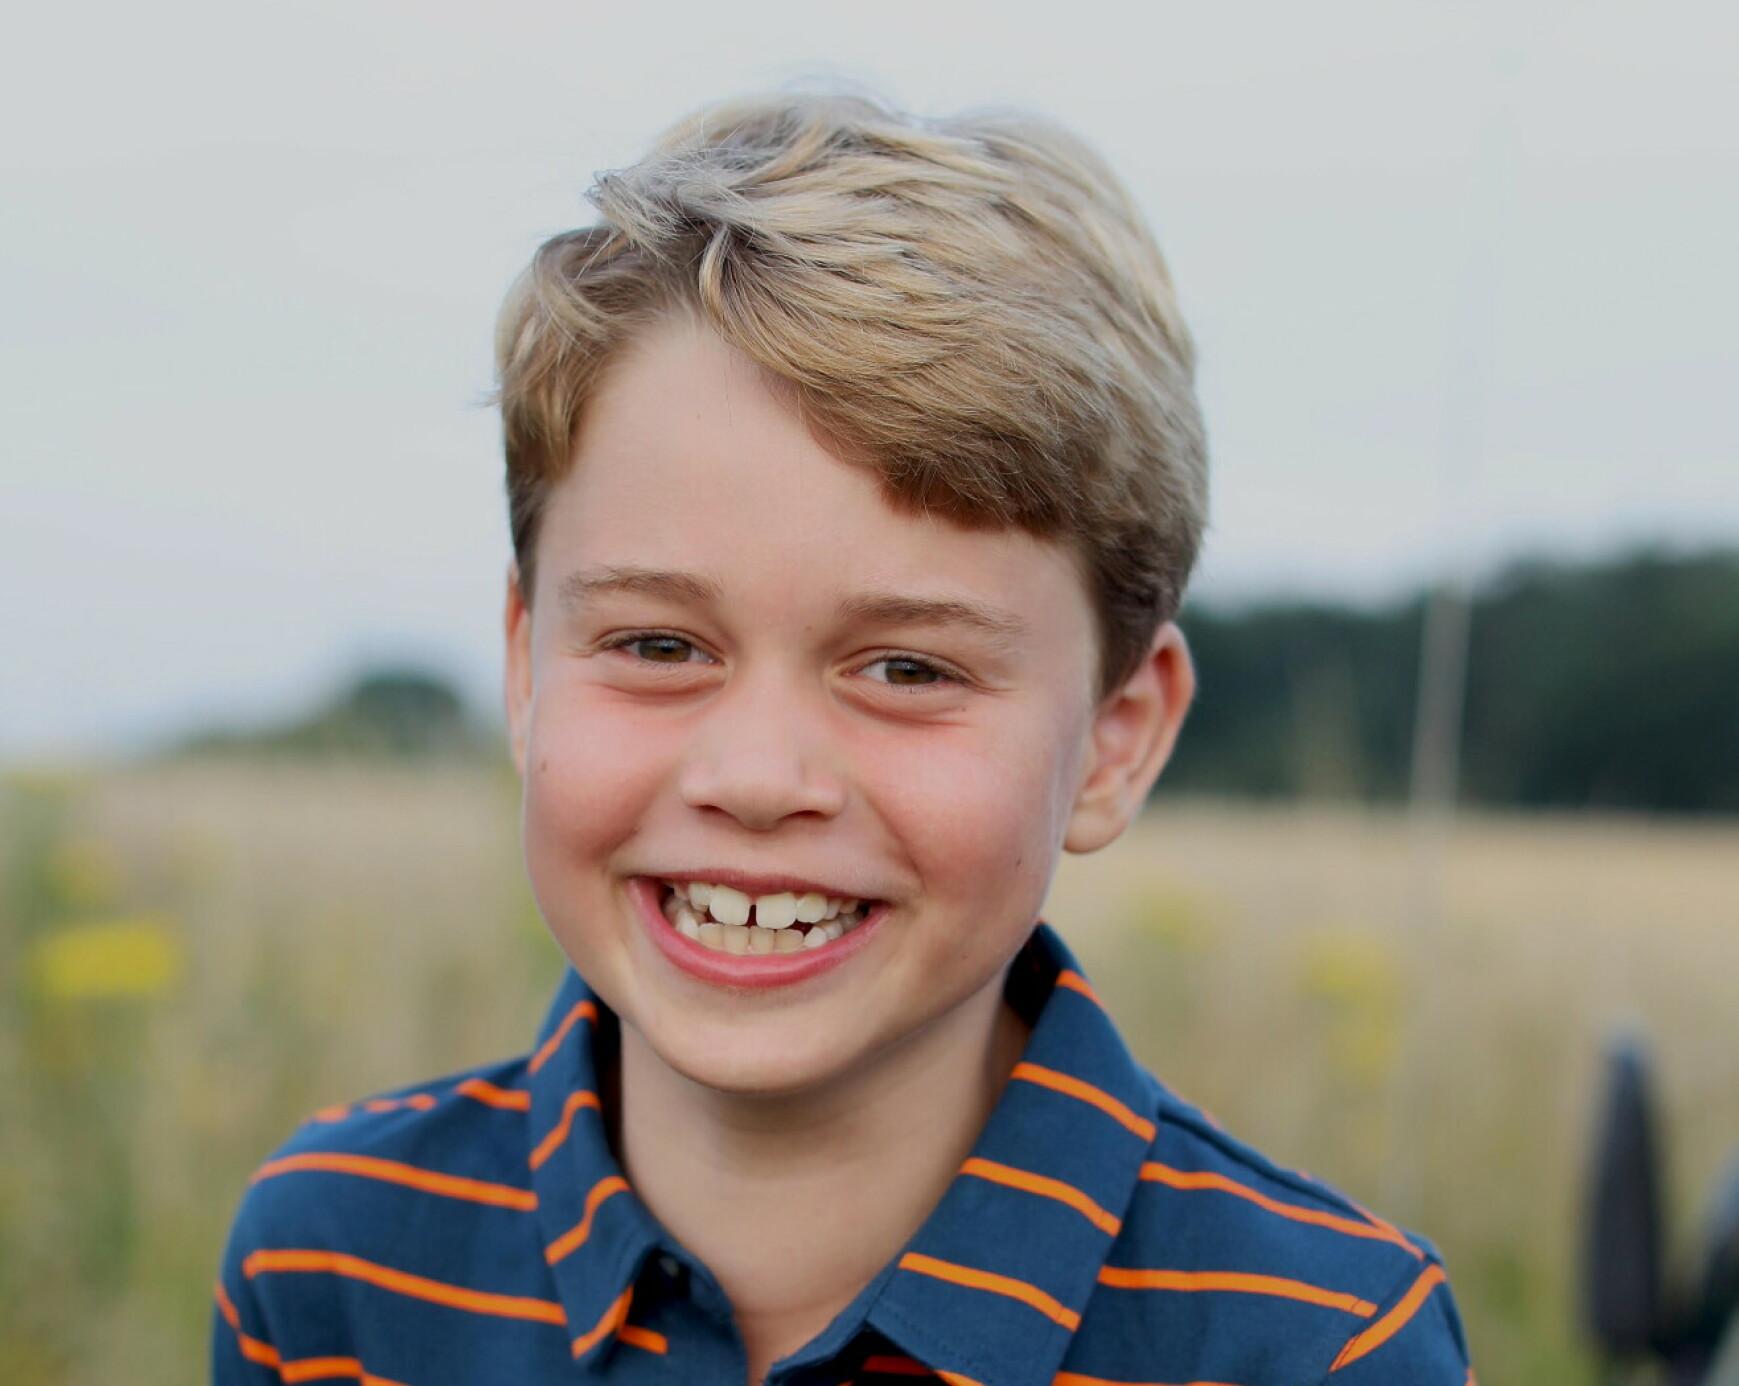 FLERE FORNAVN: Prins Williams sønn, prins George Alexander Louis har et tradisjonelt kongelig navn. Han har flere fornavn og er oppkalt etter slektninger før han. Foto: NTB